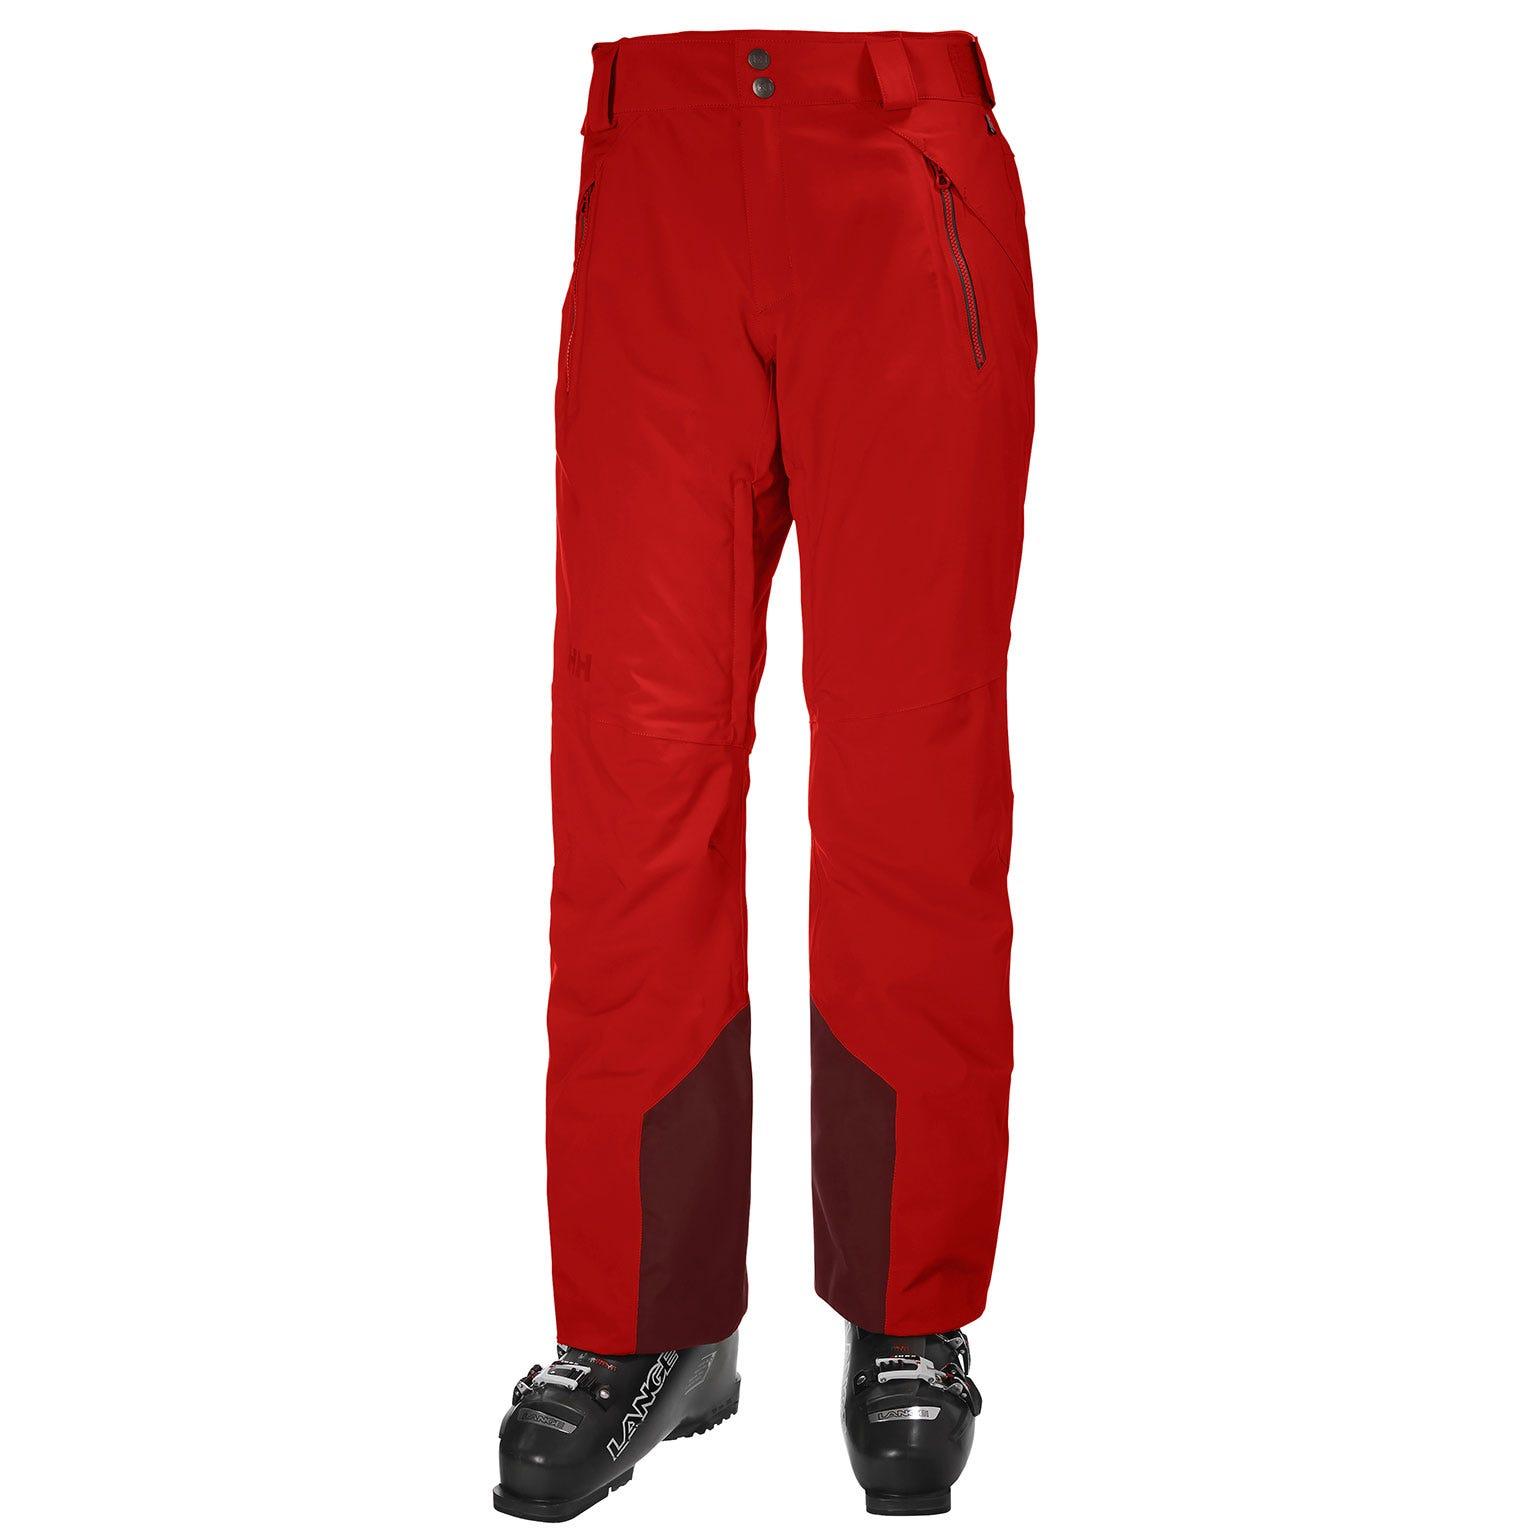 Helly Hansen Mens Force Ski Trouser Red S